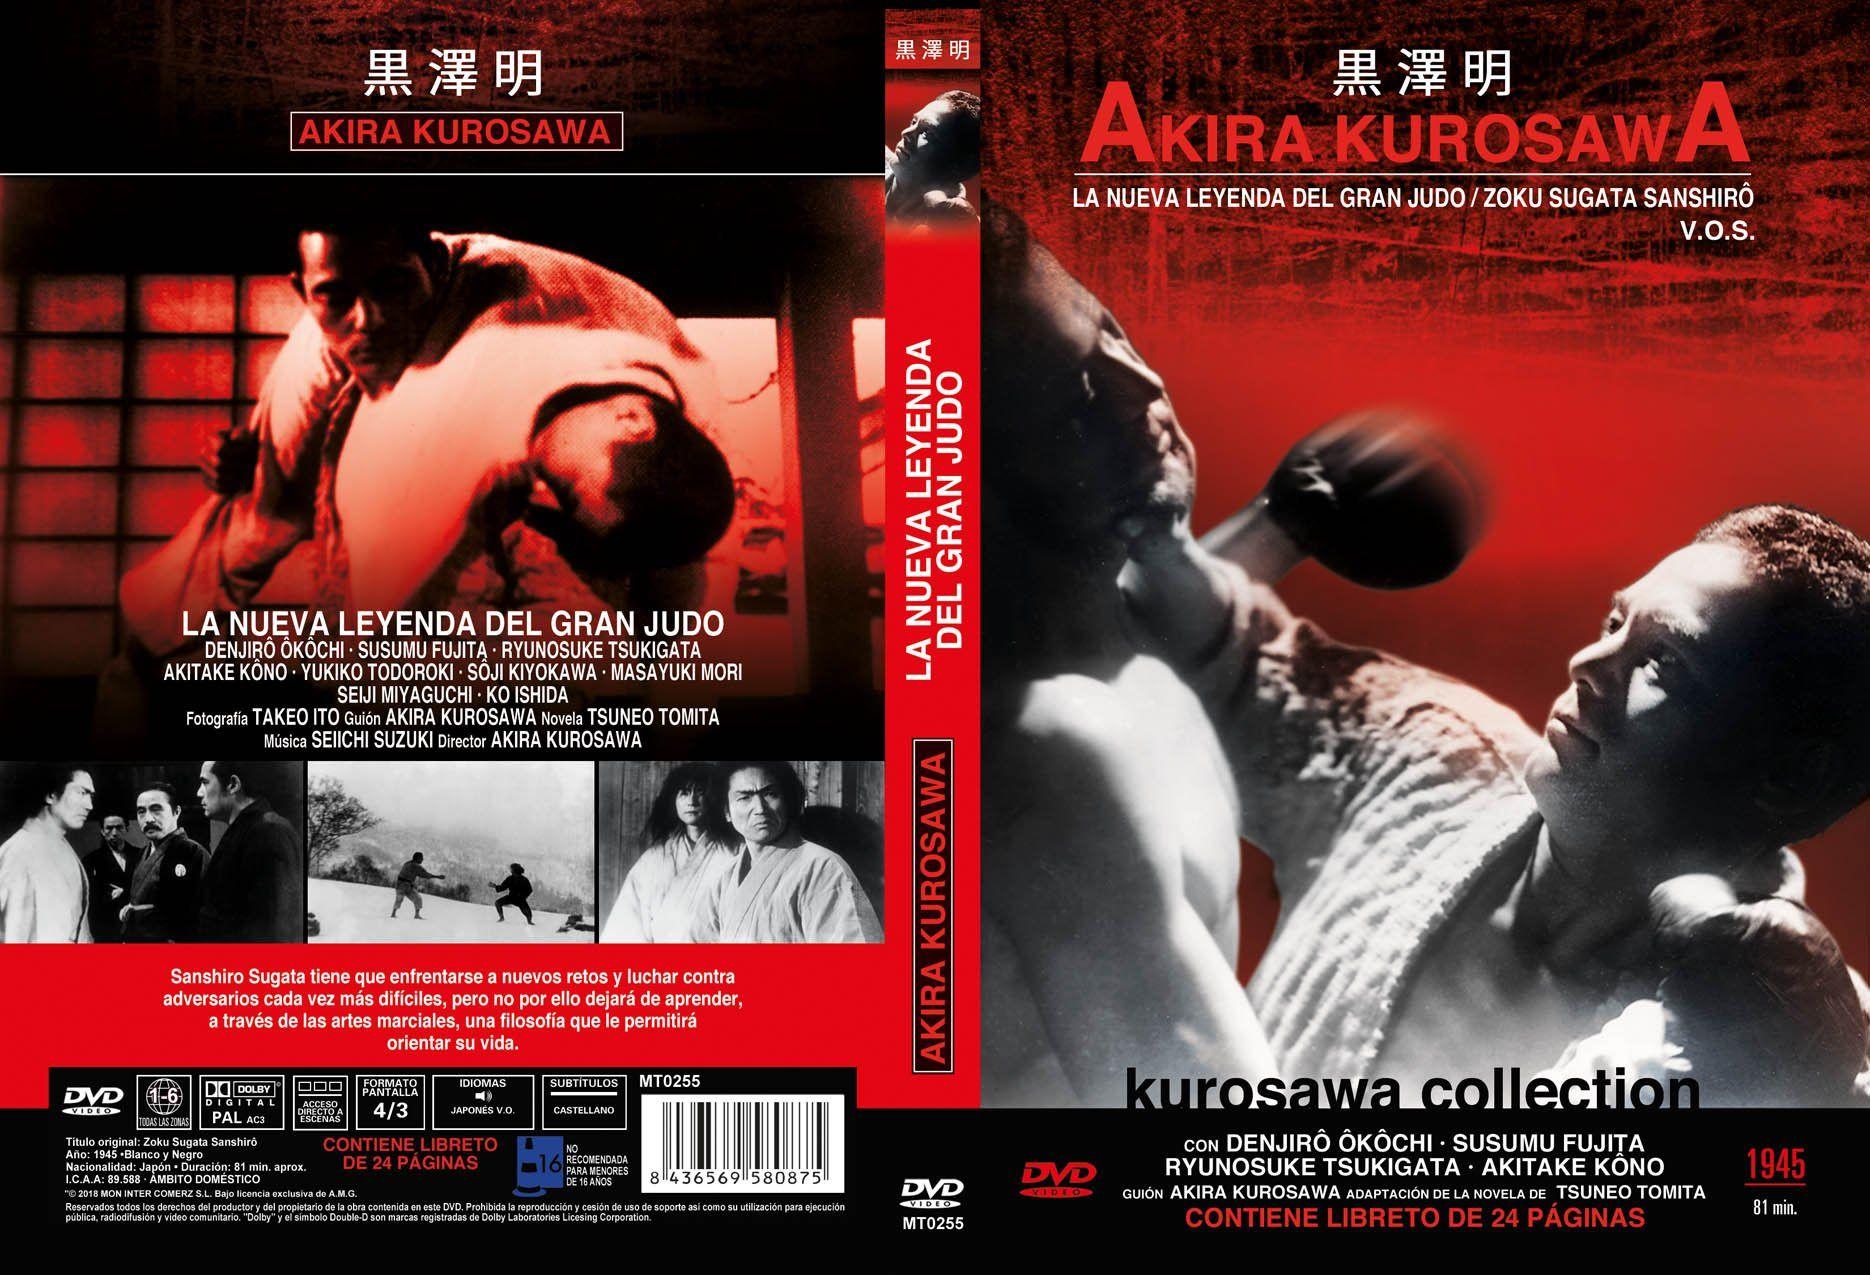 La Nueva Leyenda del Gran Judo Zoku Sugata SanshirÃ